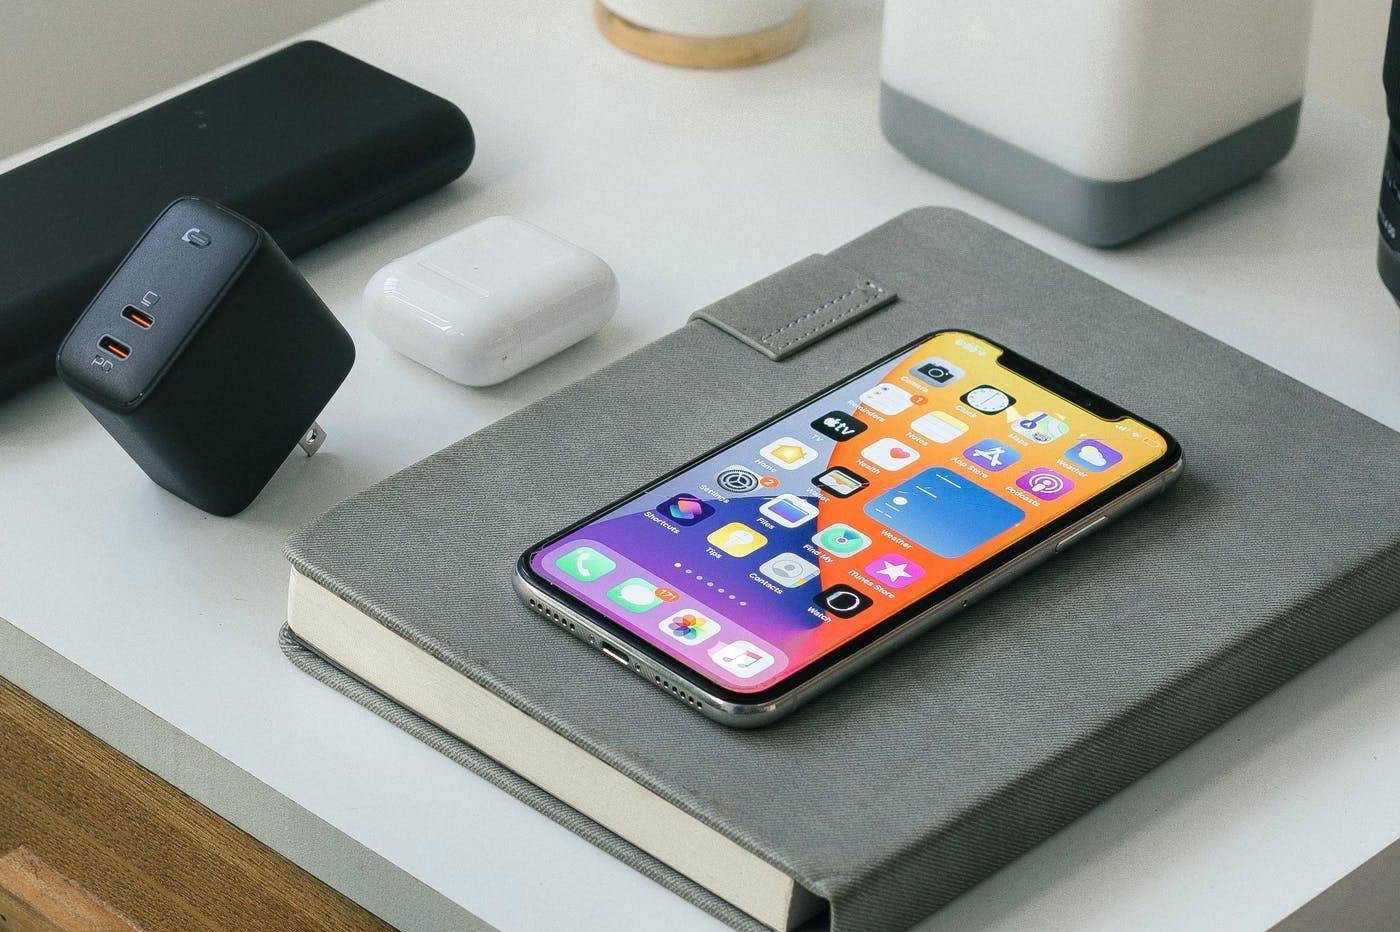 Forfait mobile : vous voulez (vraiment) économiser ? Voici la solution choc 🔥 - Presse-citron